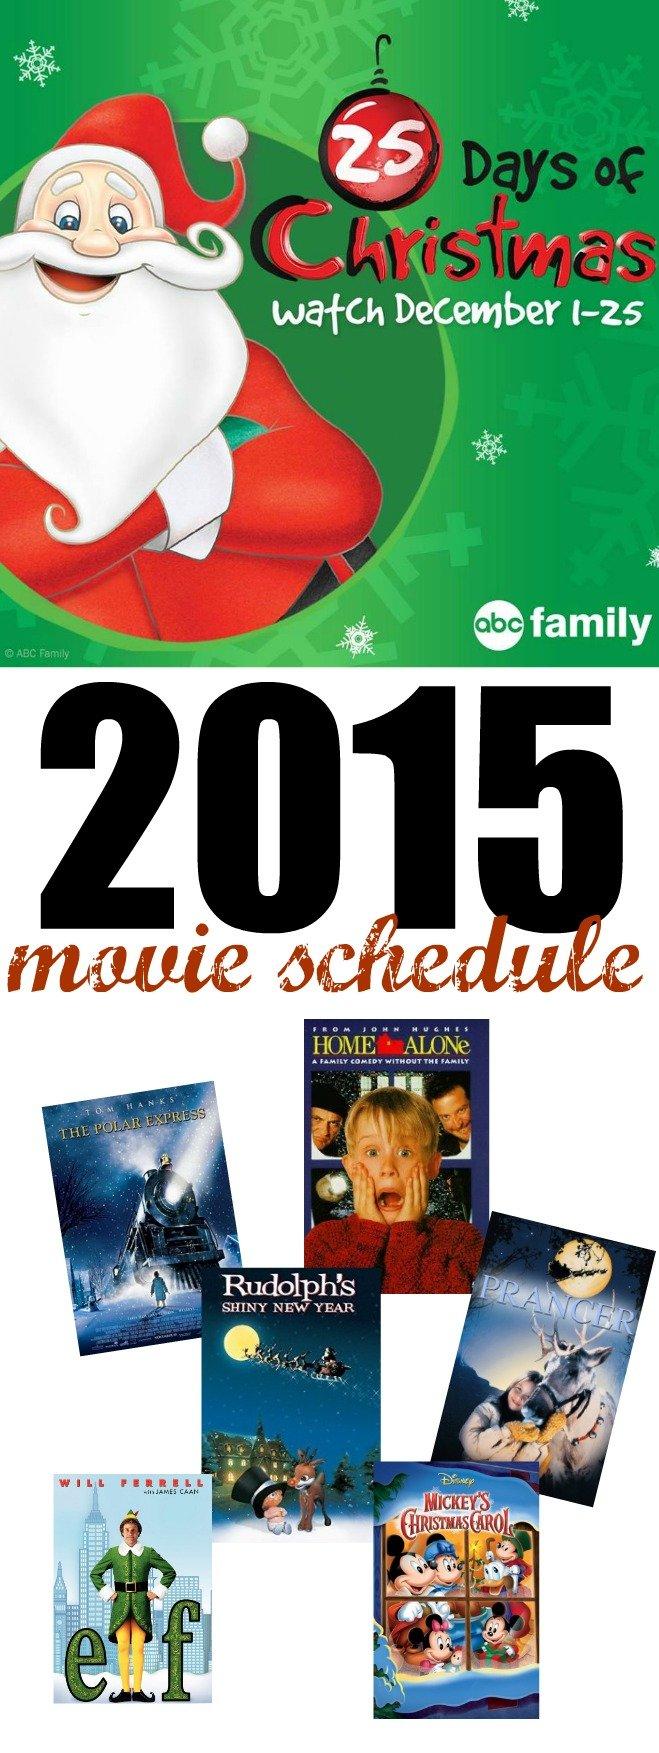 Abc 25 Days Of Christmas 2017 >> 2015 ABC 25 Days of Christmas Movie Schedule - SheSaved®